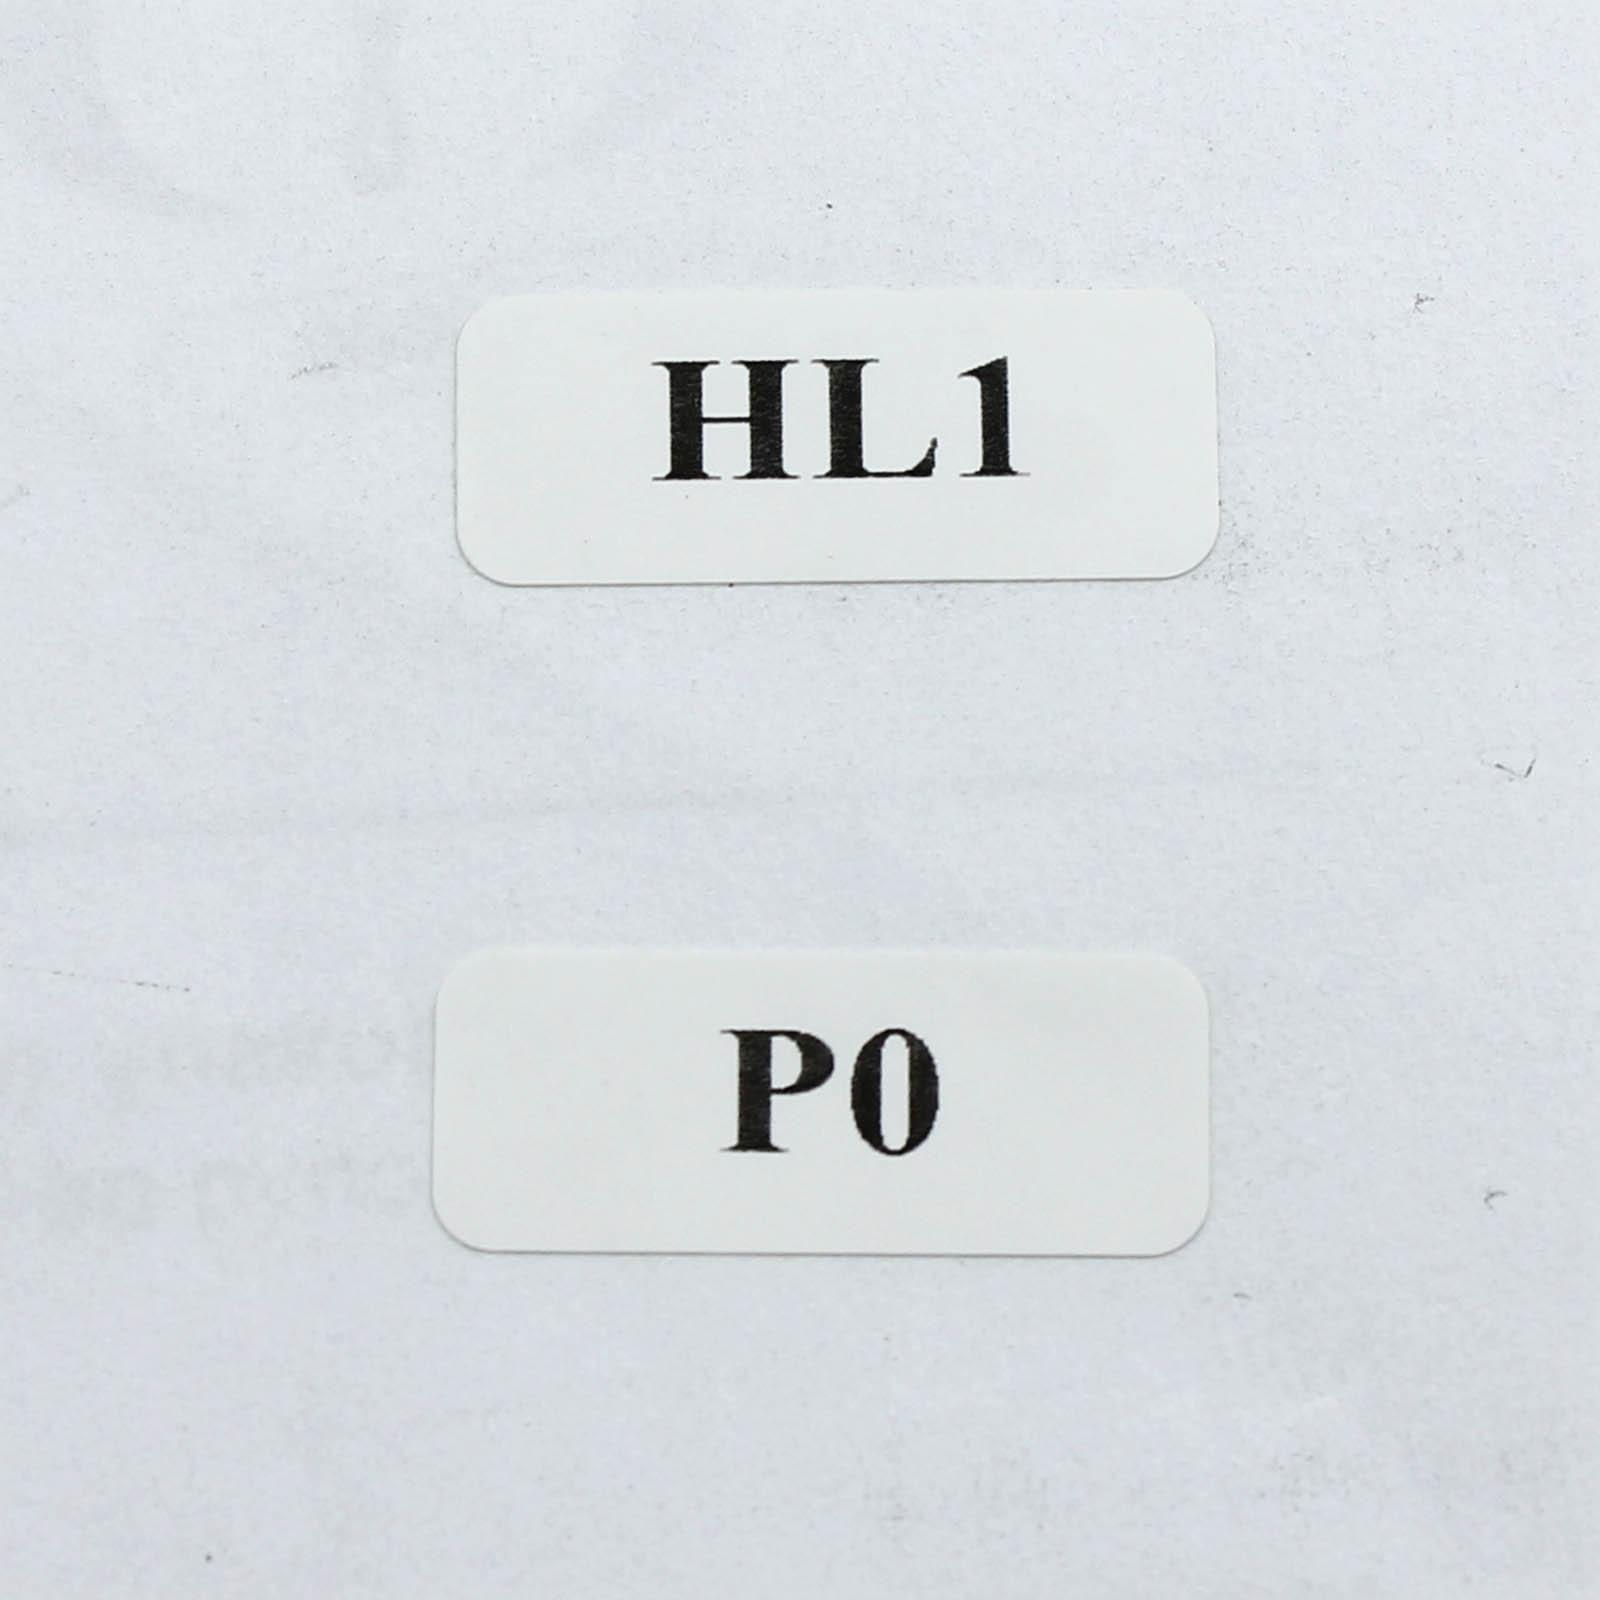 Этикетки 25*10 мм с нумерацией